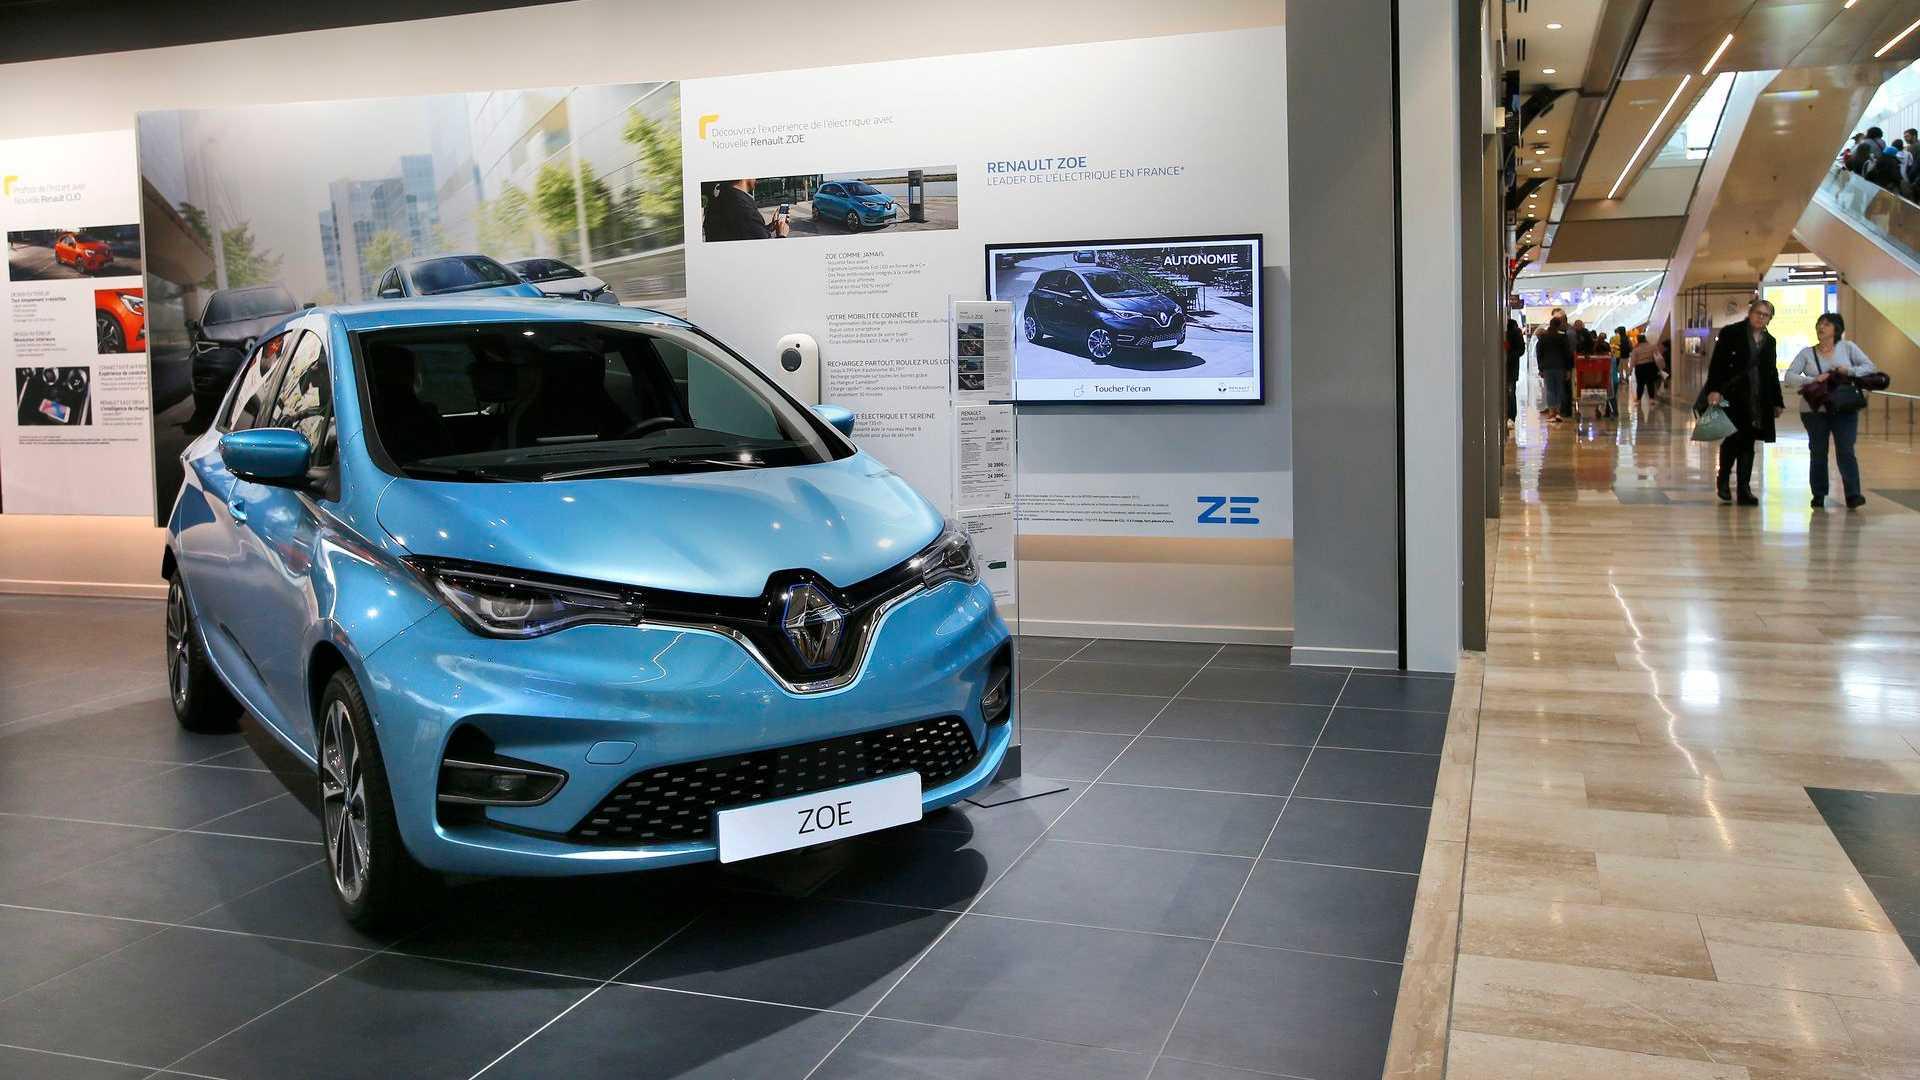 Рено Электрические Продаж Автомобилей В Мае 2020 На 18%